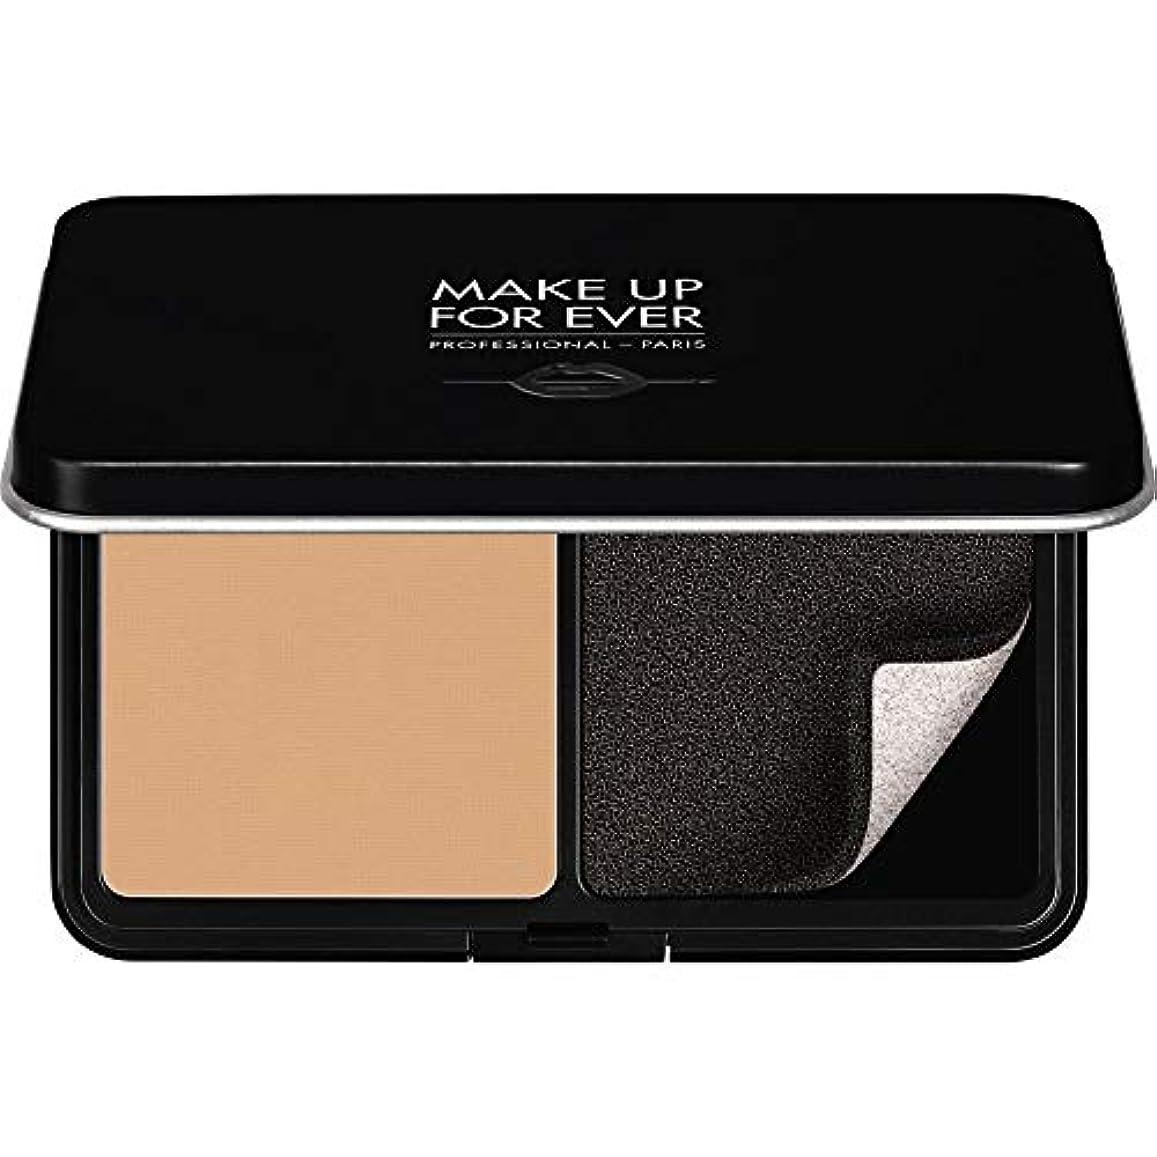 プロテスタント邪悪な盗賊[MAKE UP FOR EVER ] パウダーファンデーション11GののY305をぼかし、これまでマットベルベットの肌を補う - ソフトベージュ - MAKE UP FOR EVER Matte Velvet Skin...